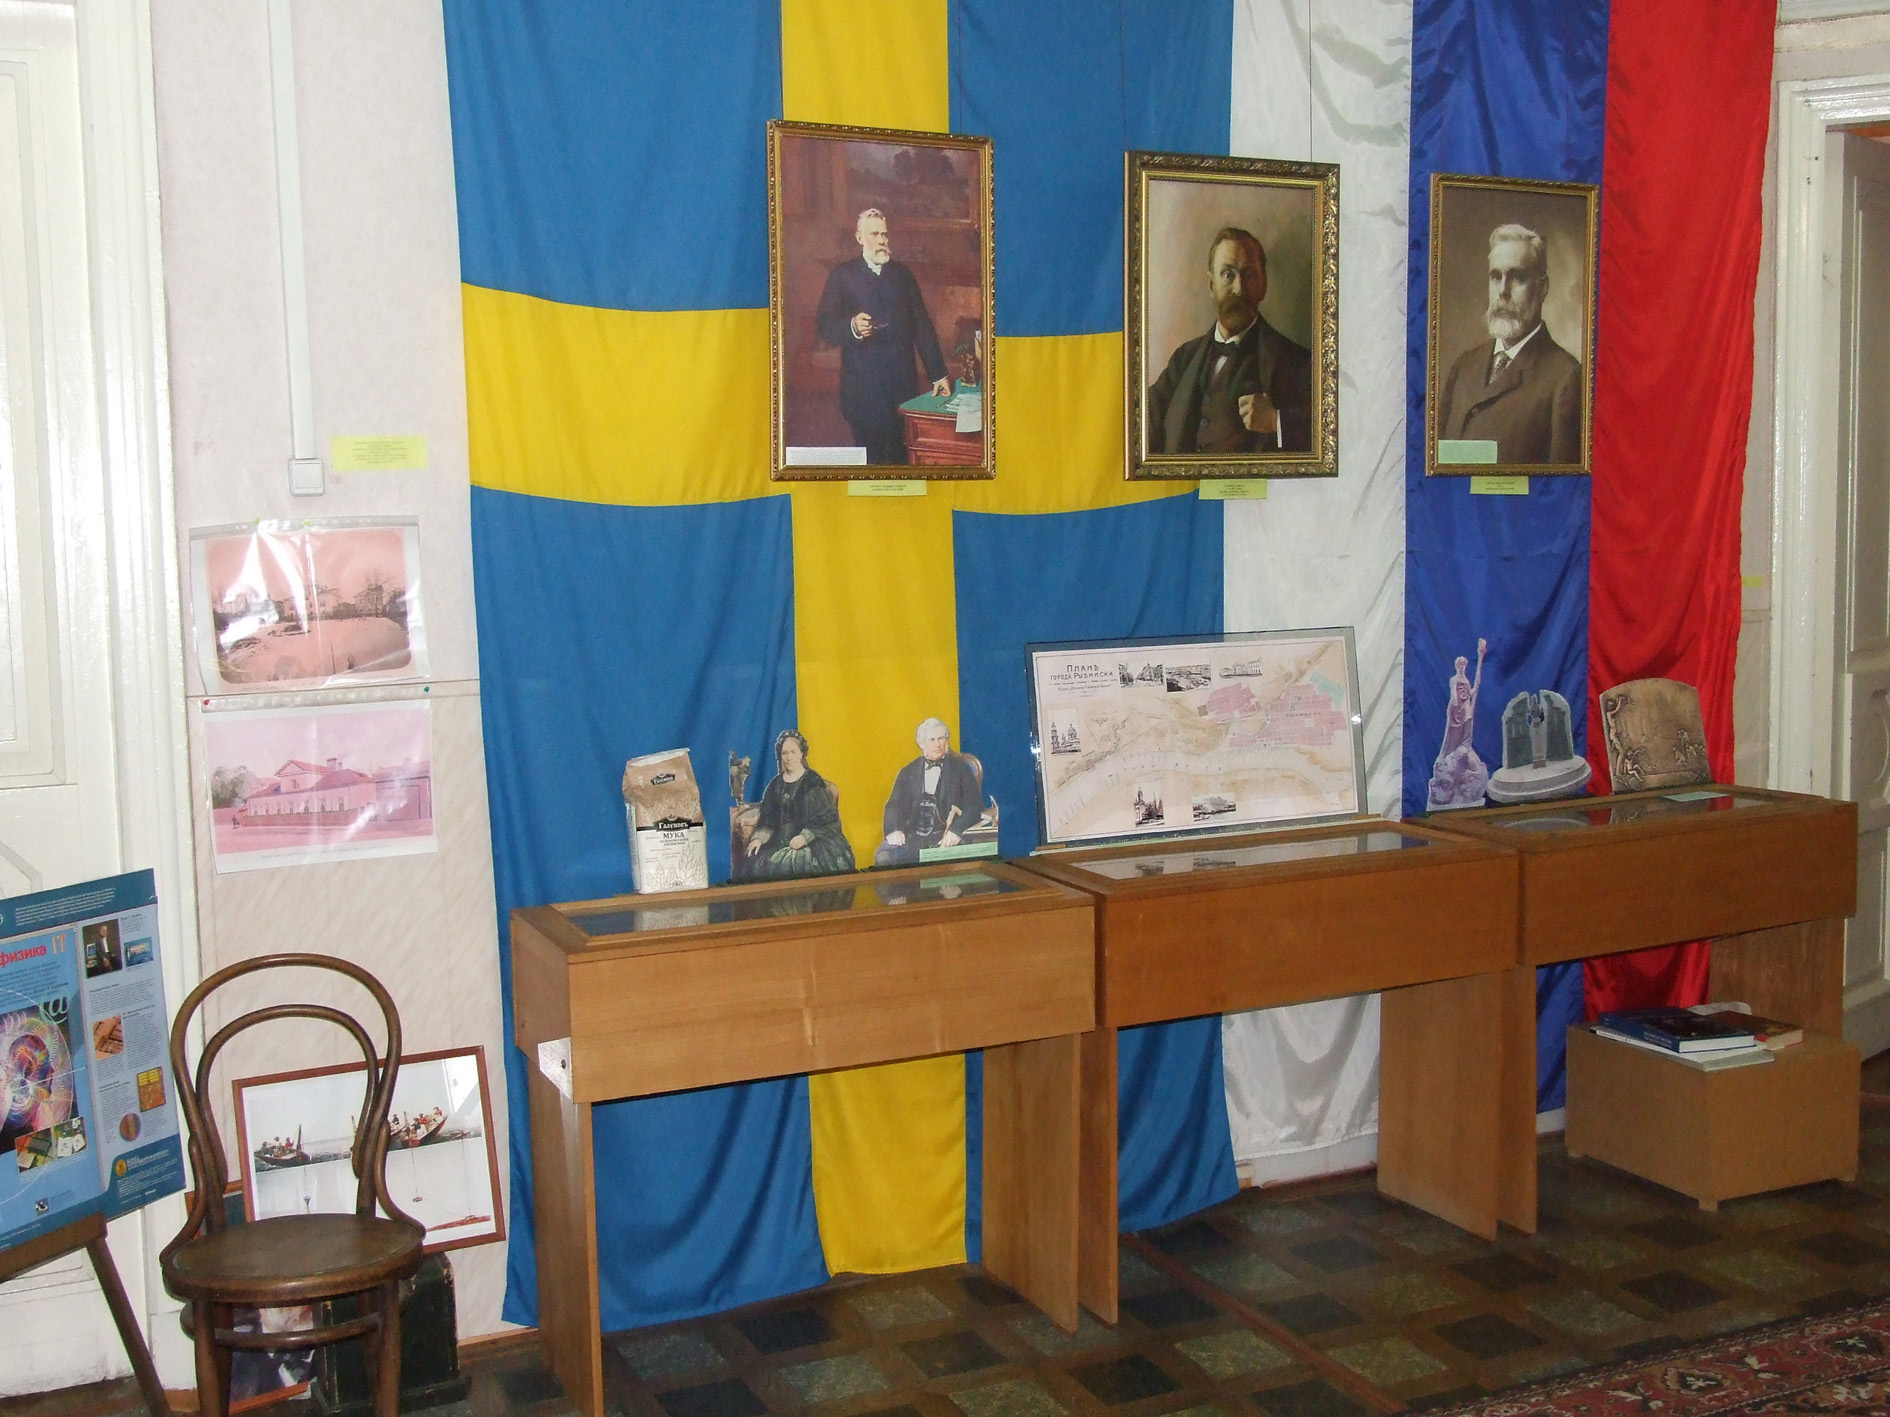 Экспозиция Музея «Нобели и нобелевское движение»